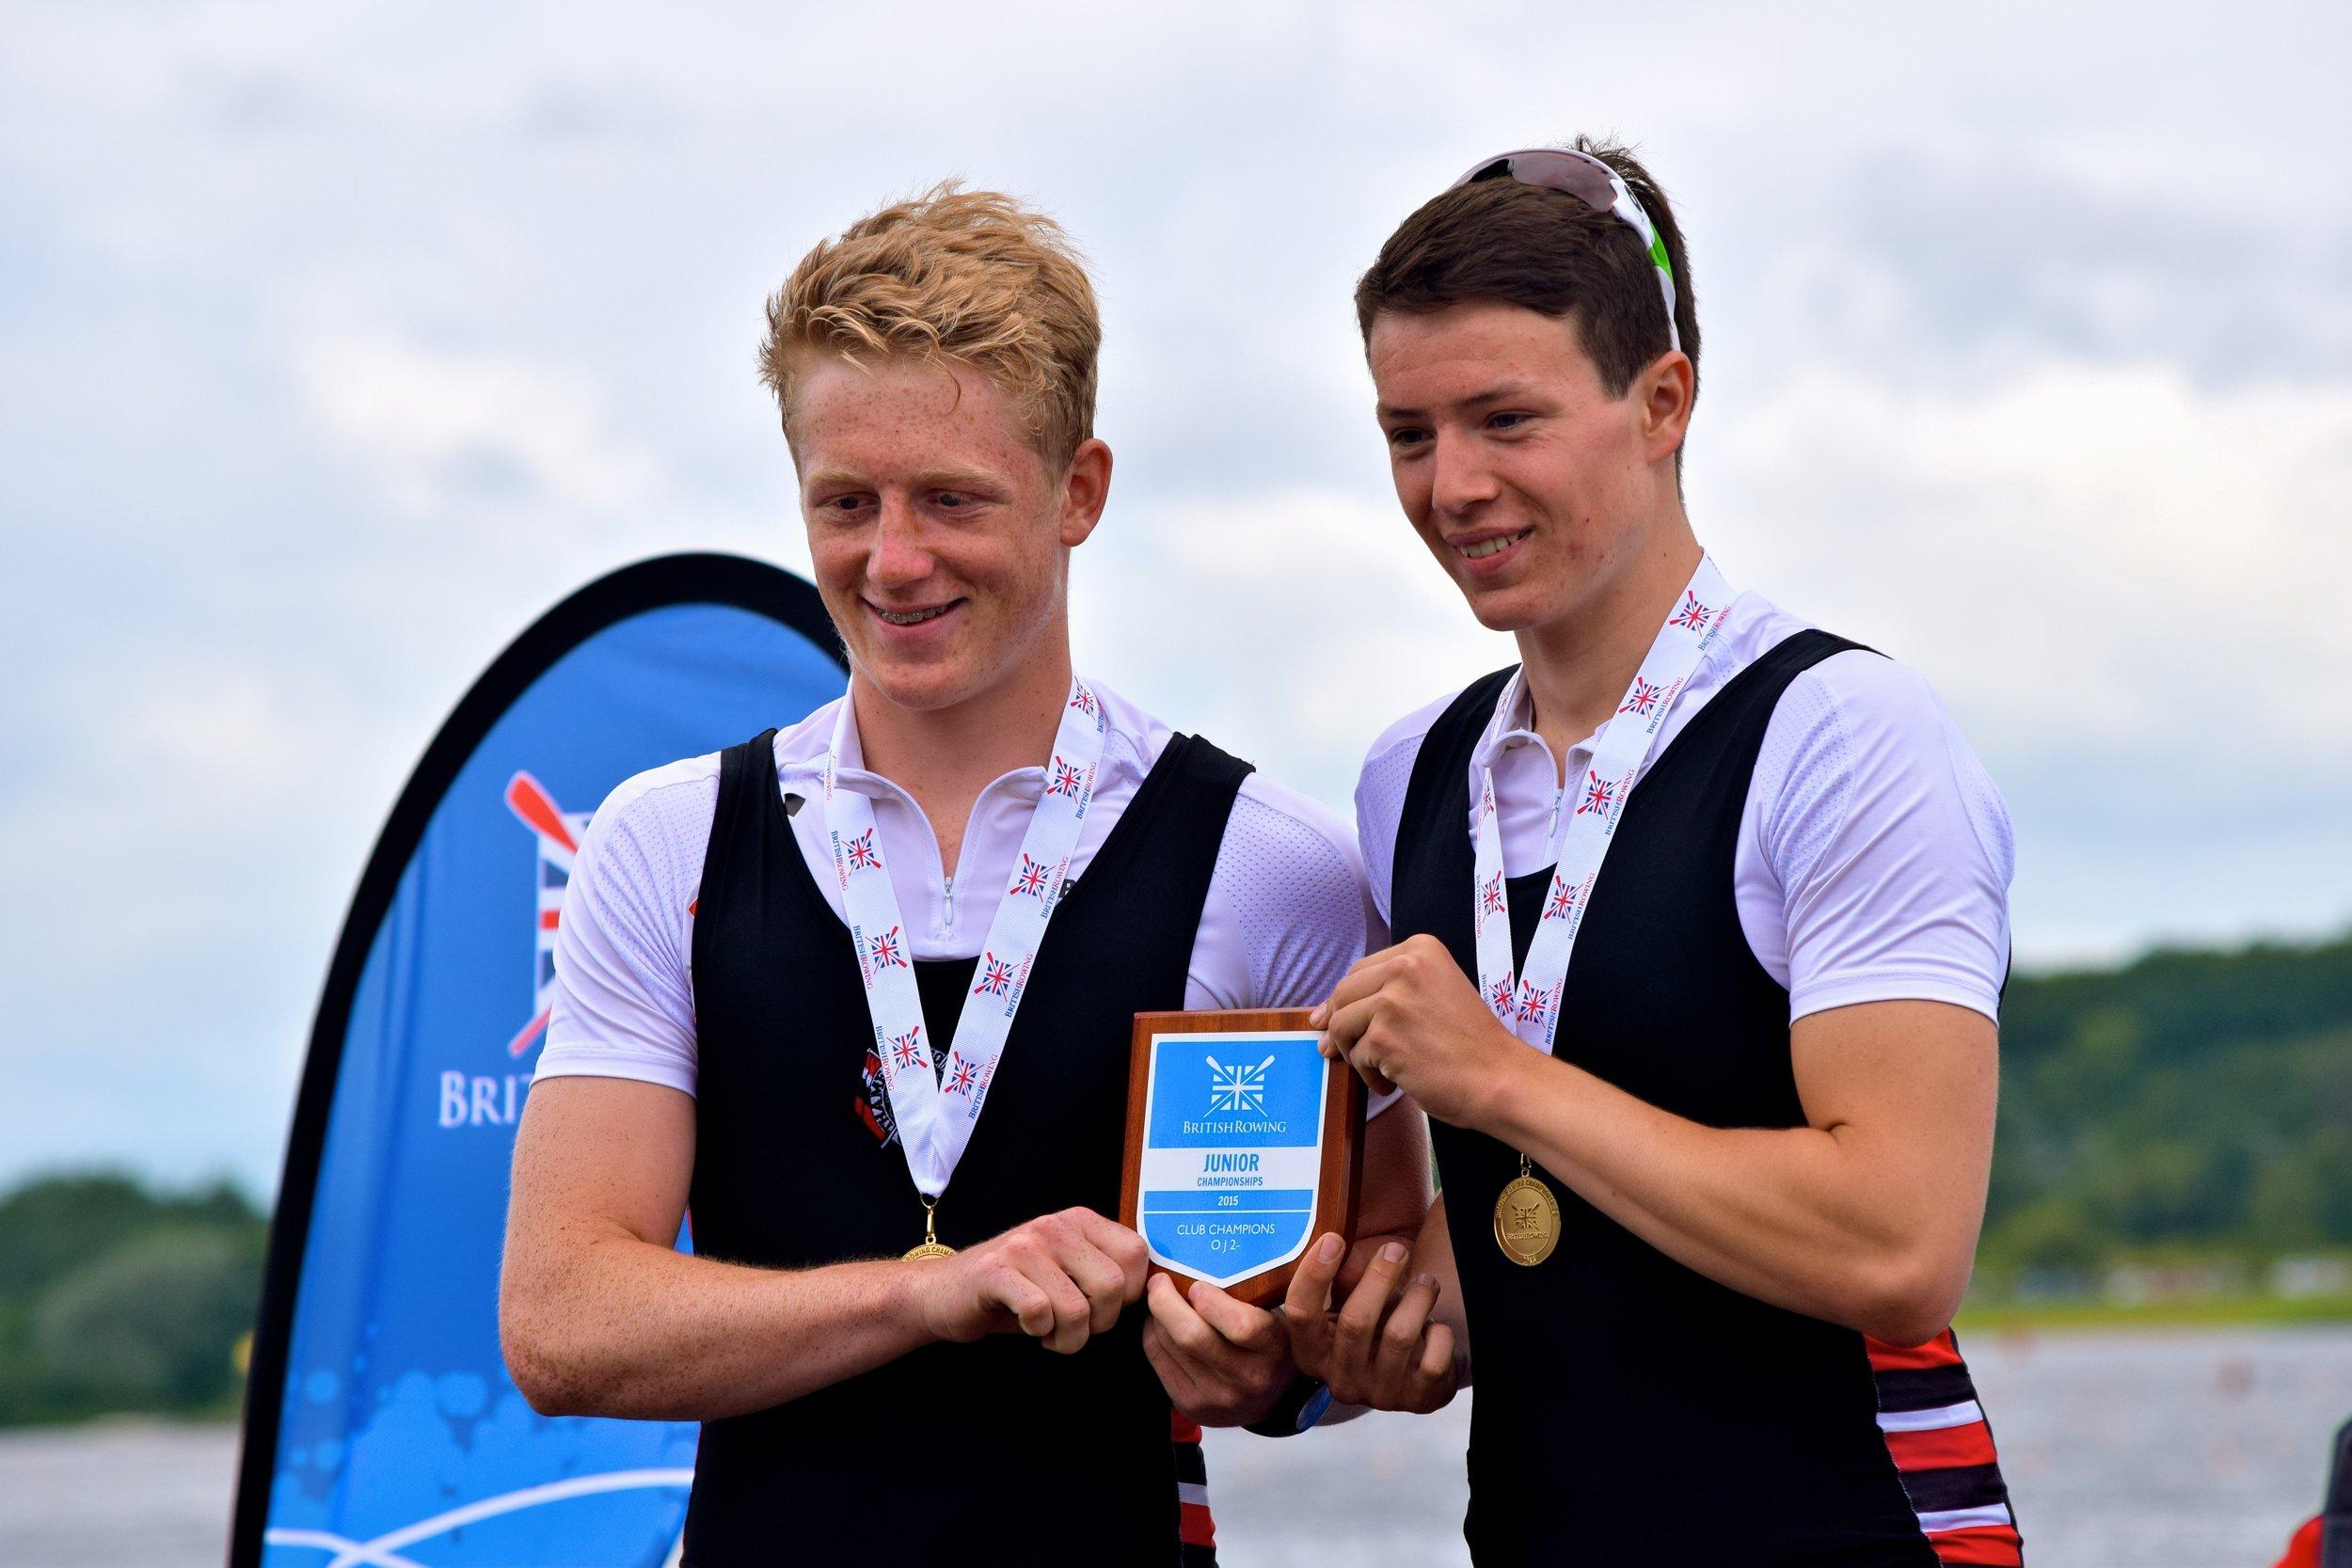 brit juniors 2015.jpg